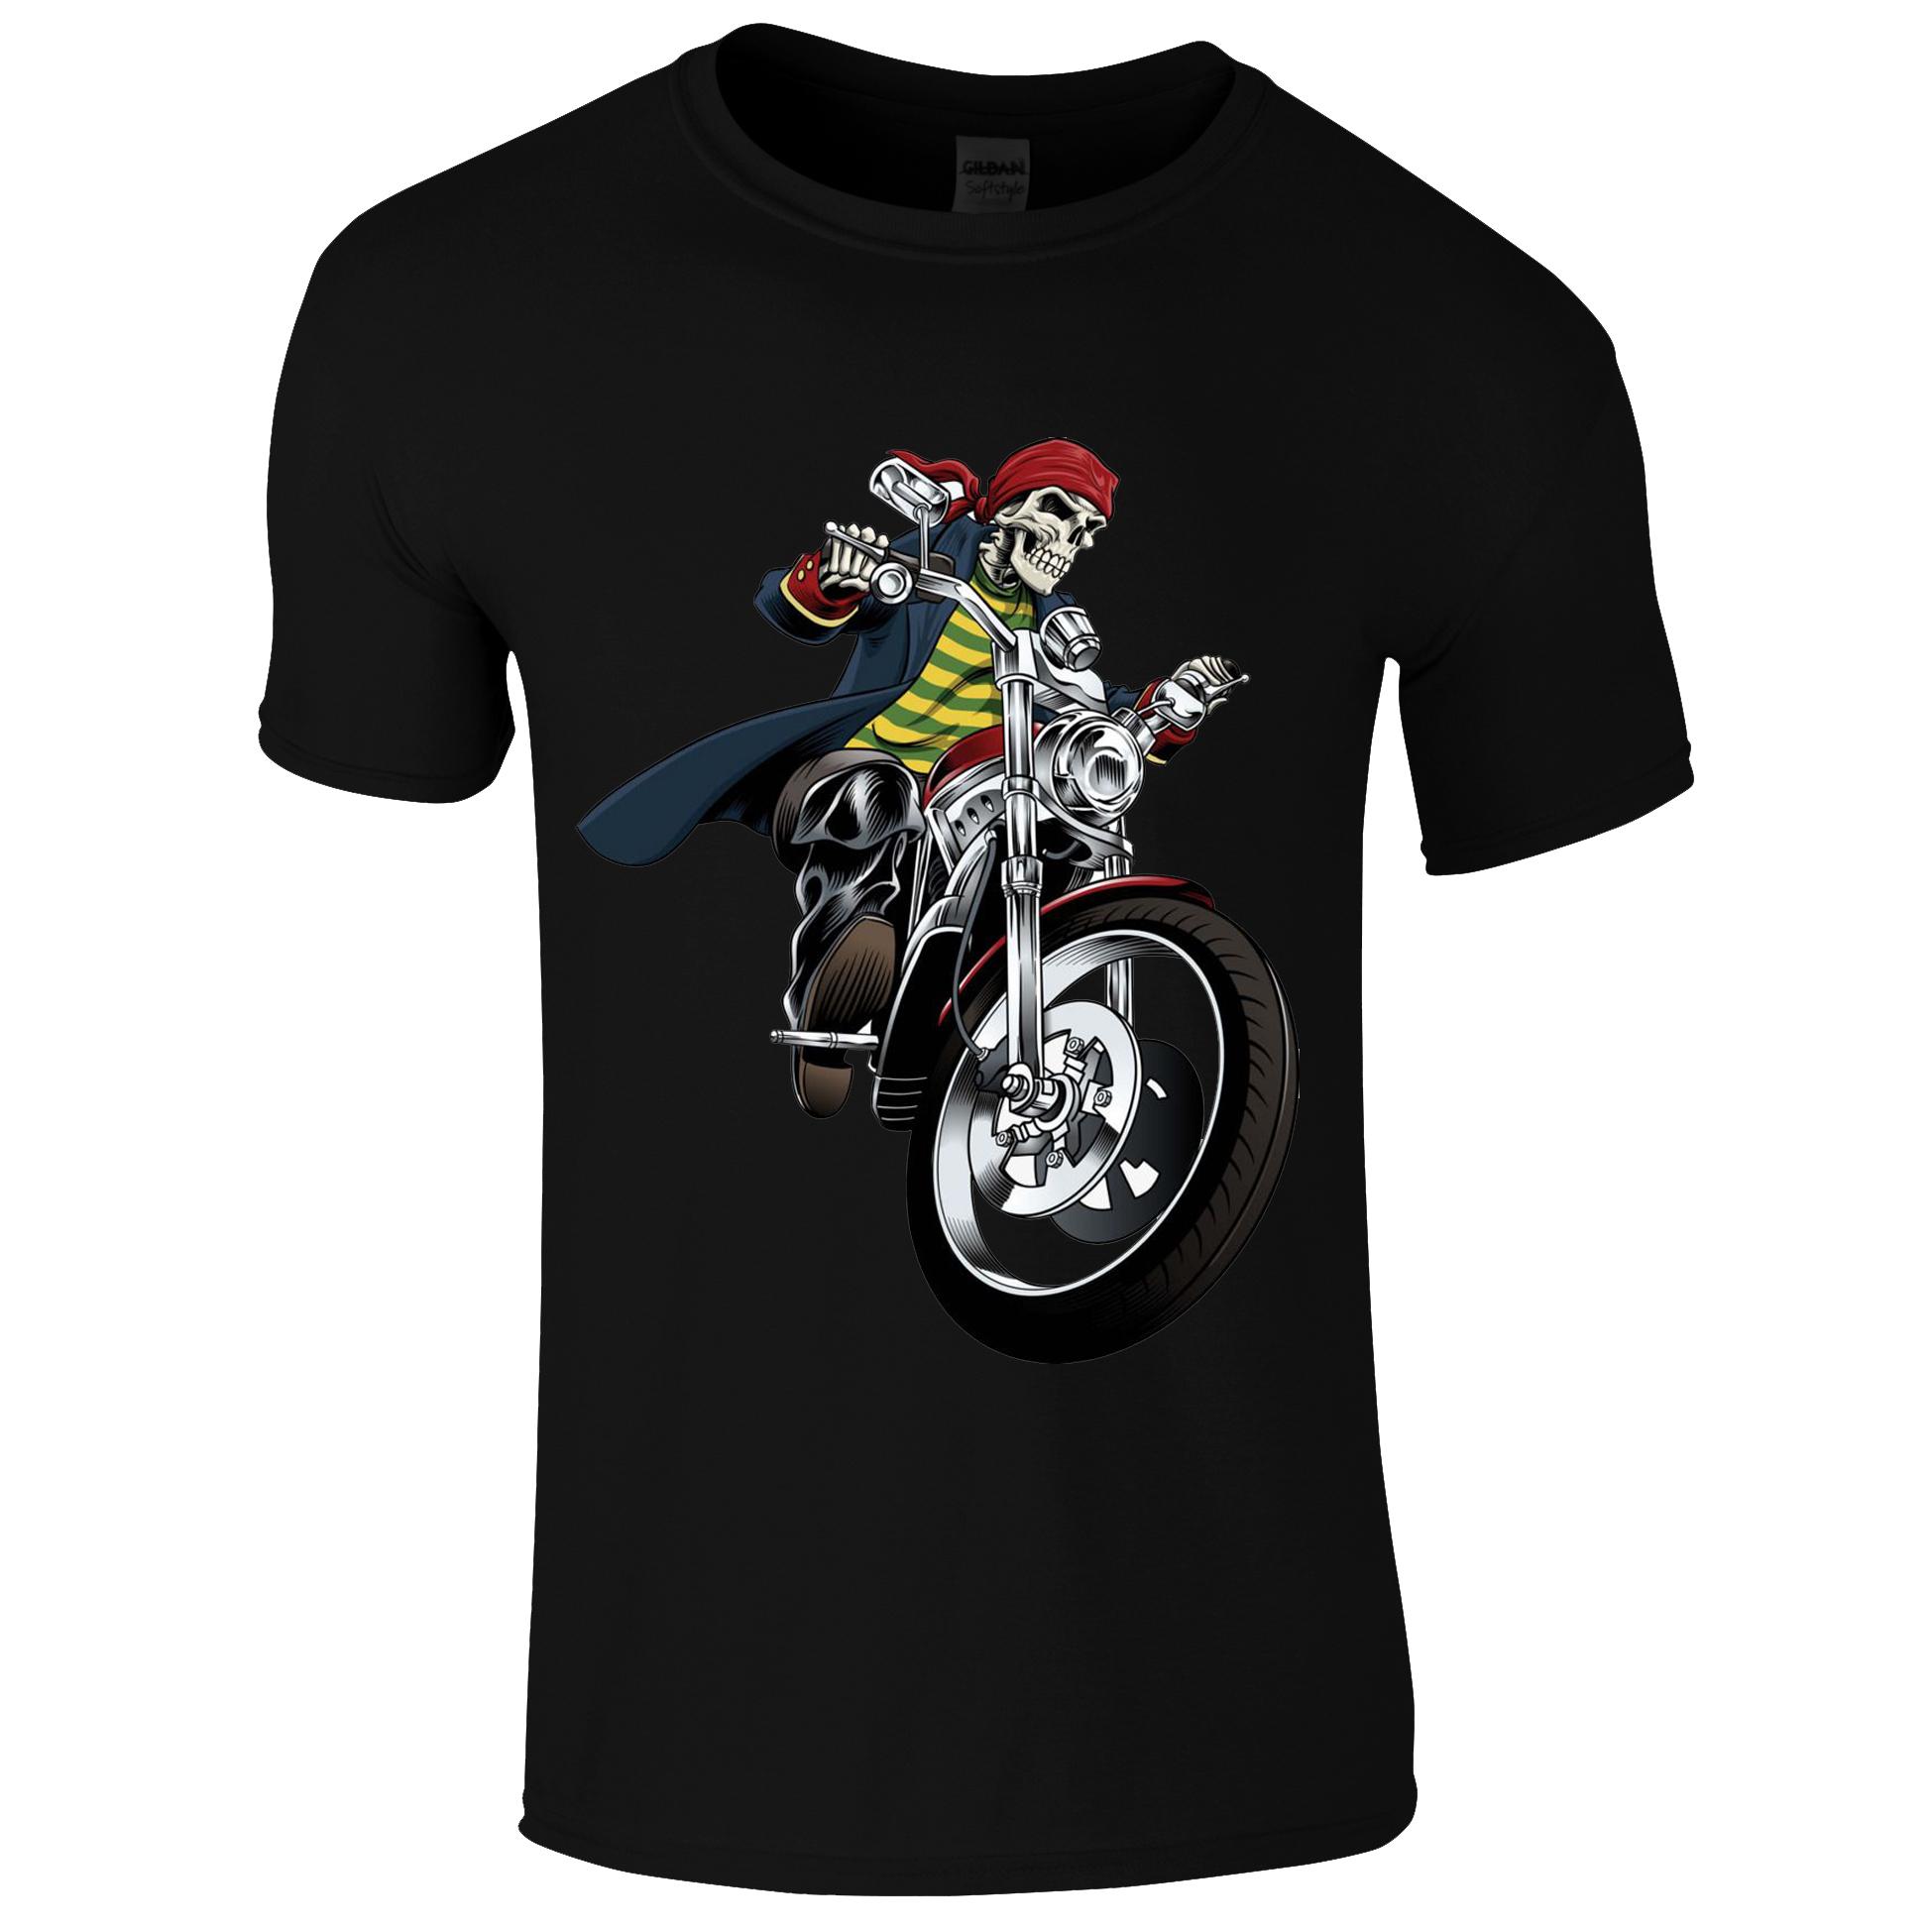 Schwarzes Biker Shirt mit Geist auf Motorrad